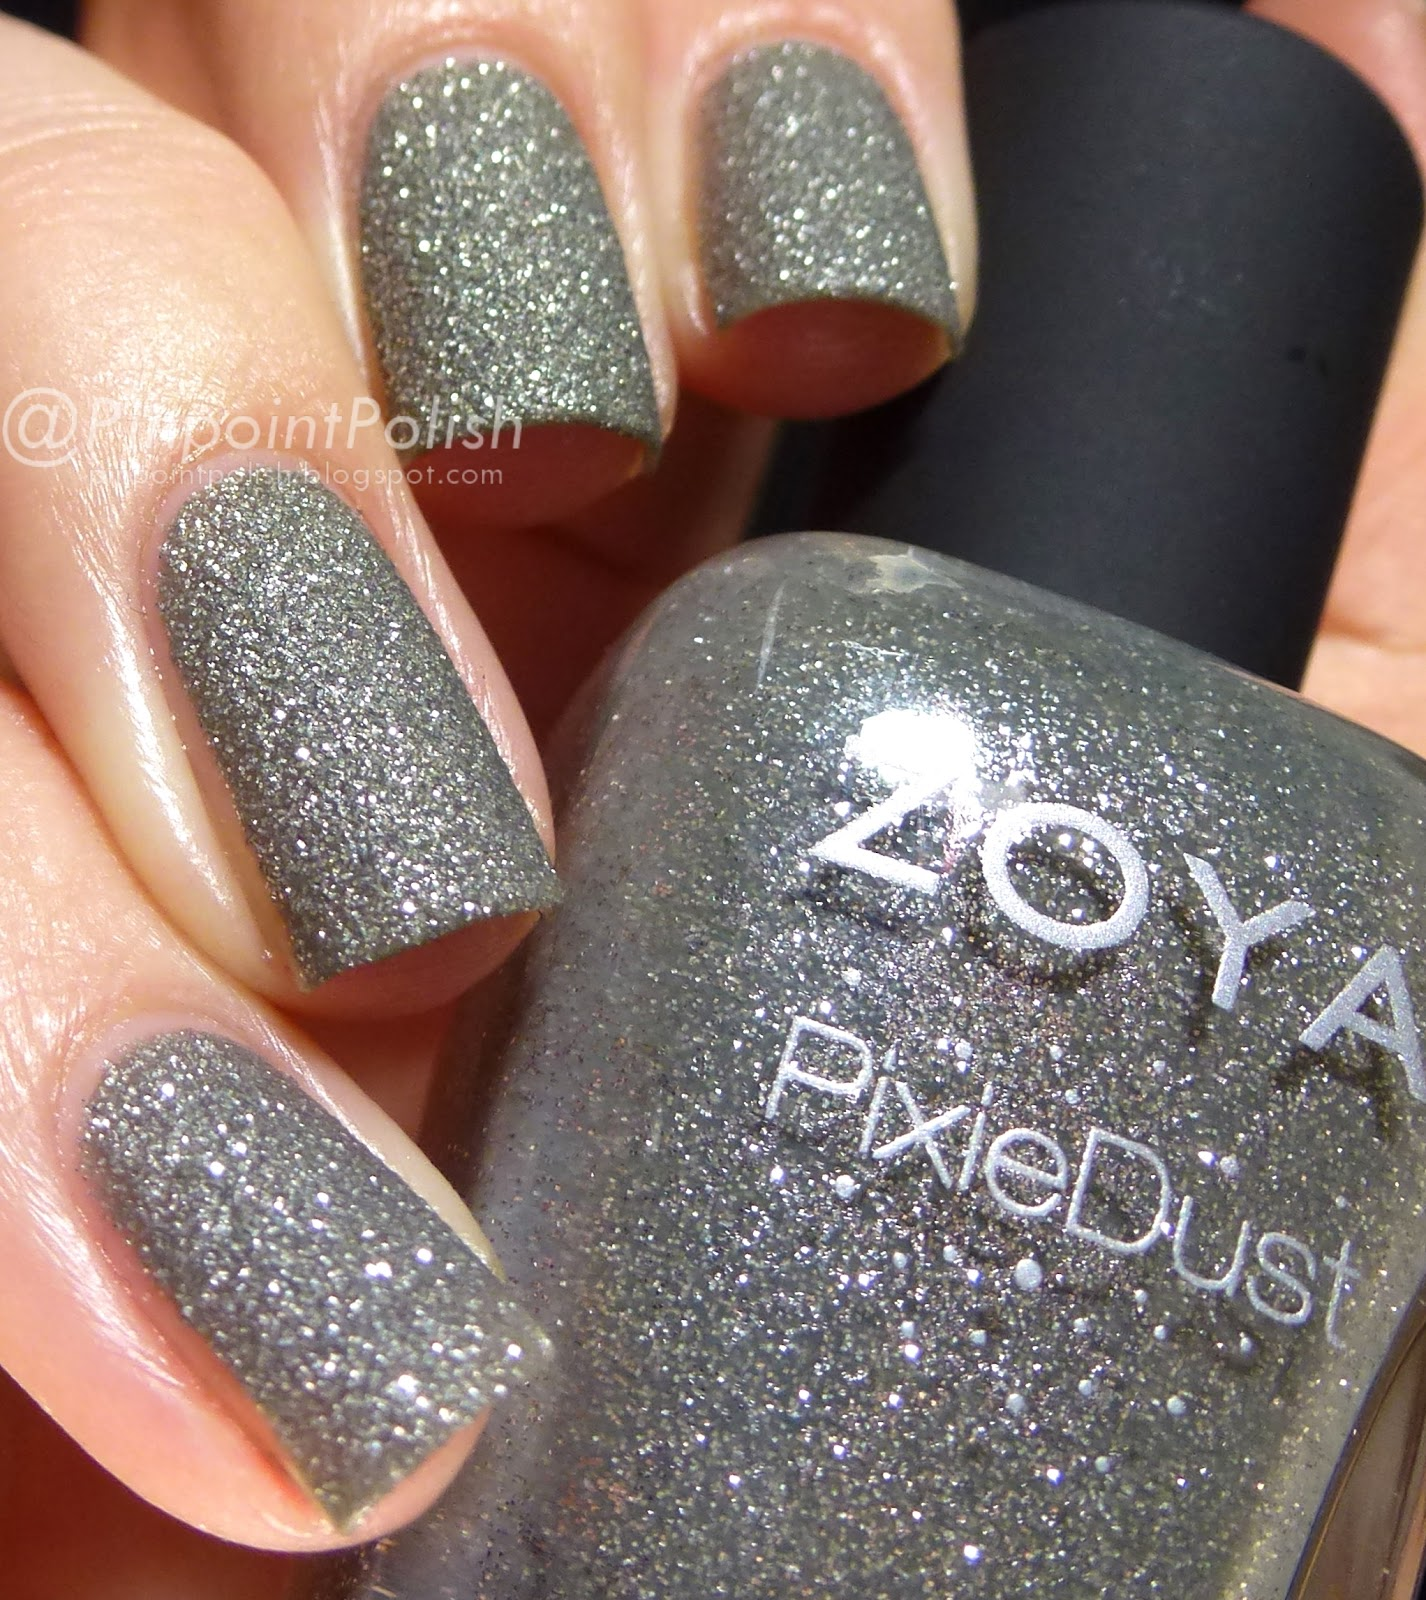 London, Zoya, Pixie Dust, swatch